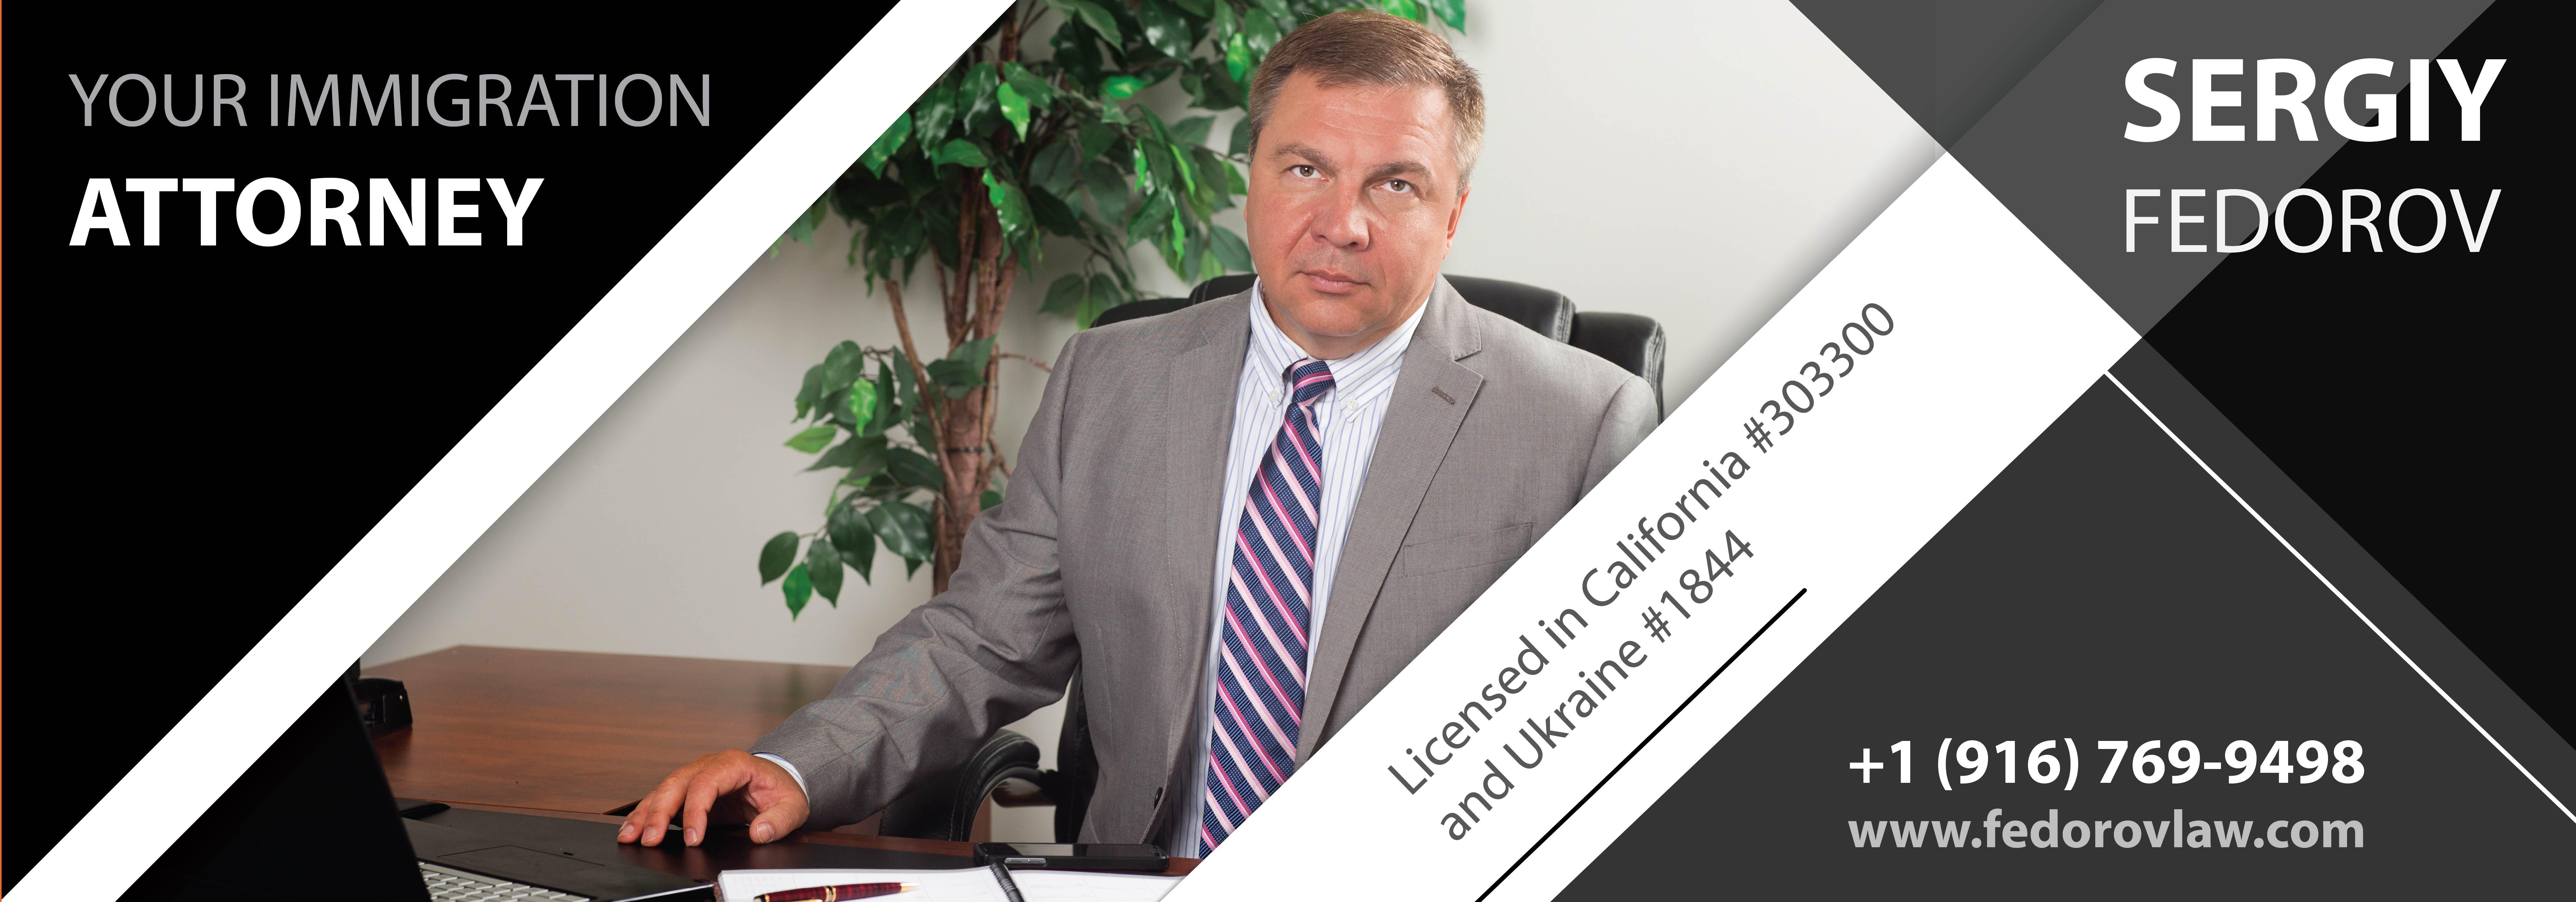 Sergiy Fedorov, business attorney in Sacramento, California